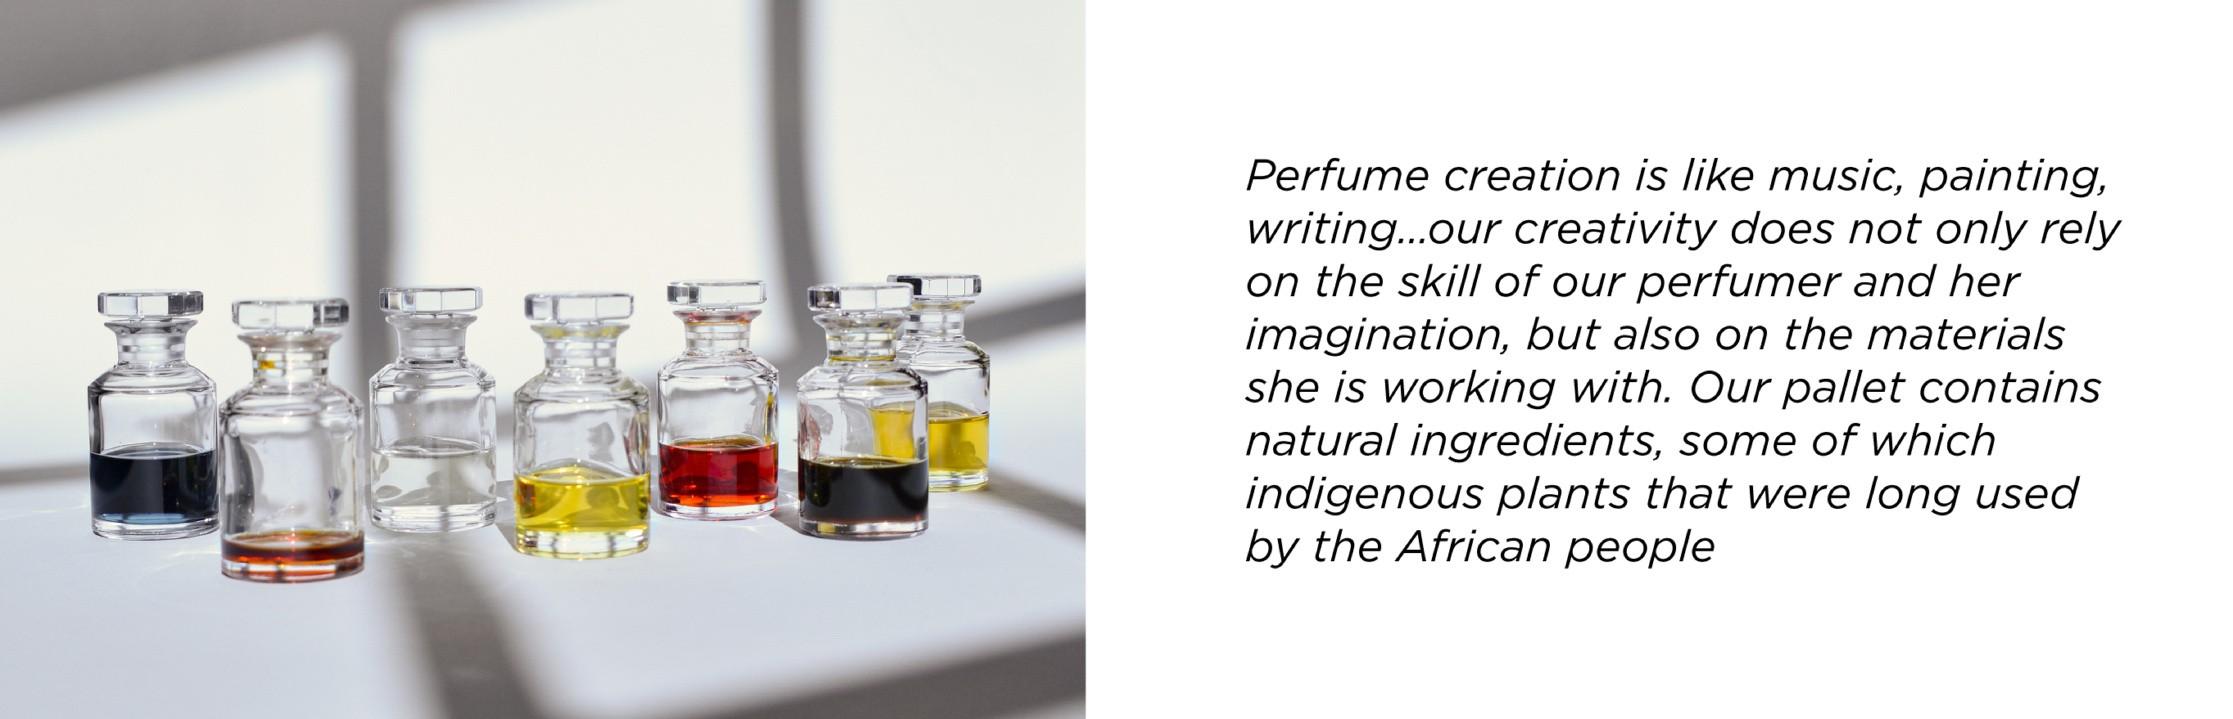 Timeline-Post---Perfume-Creation